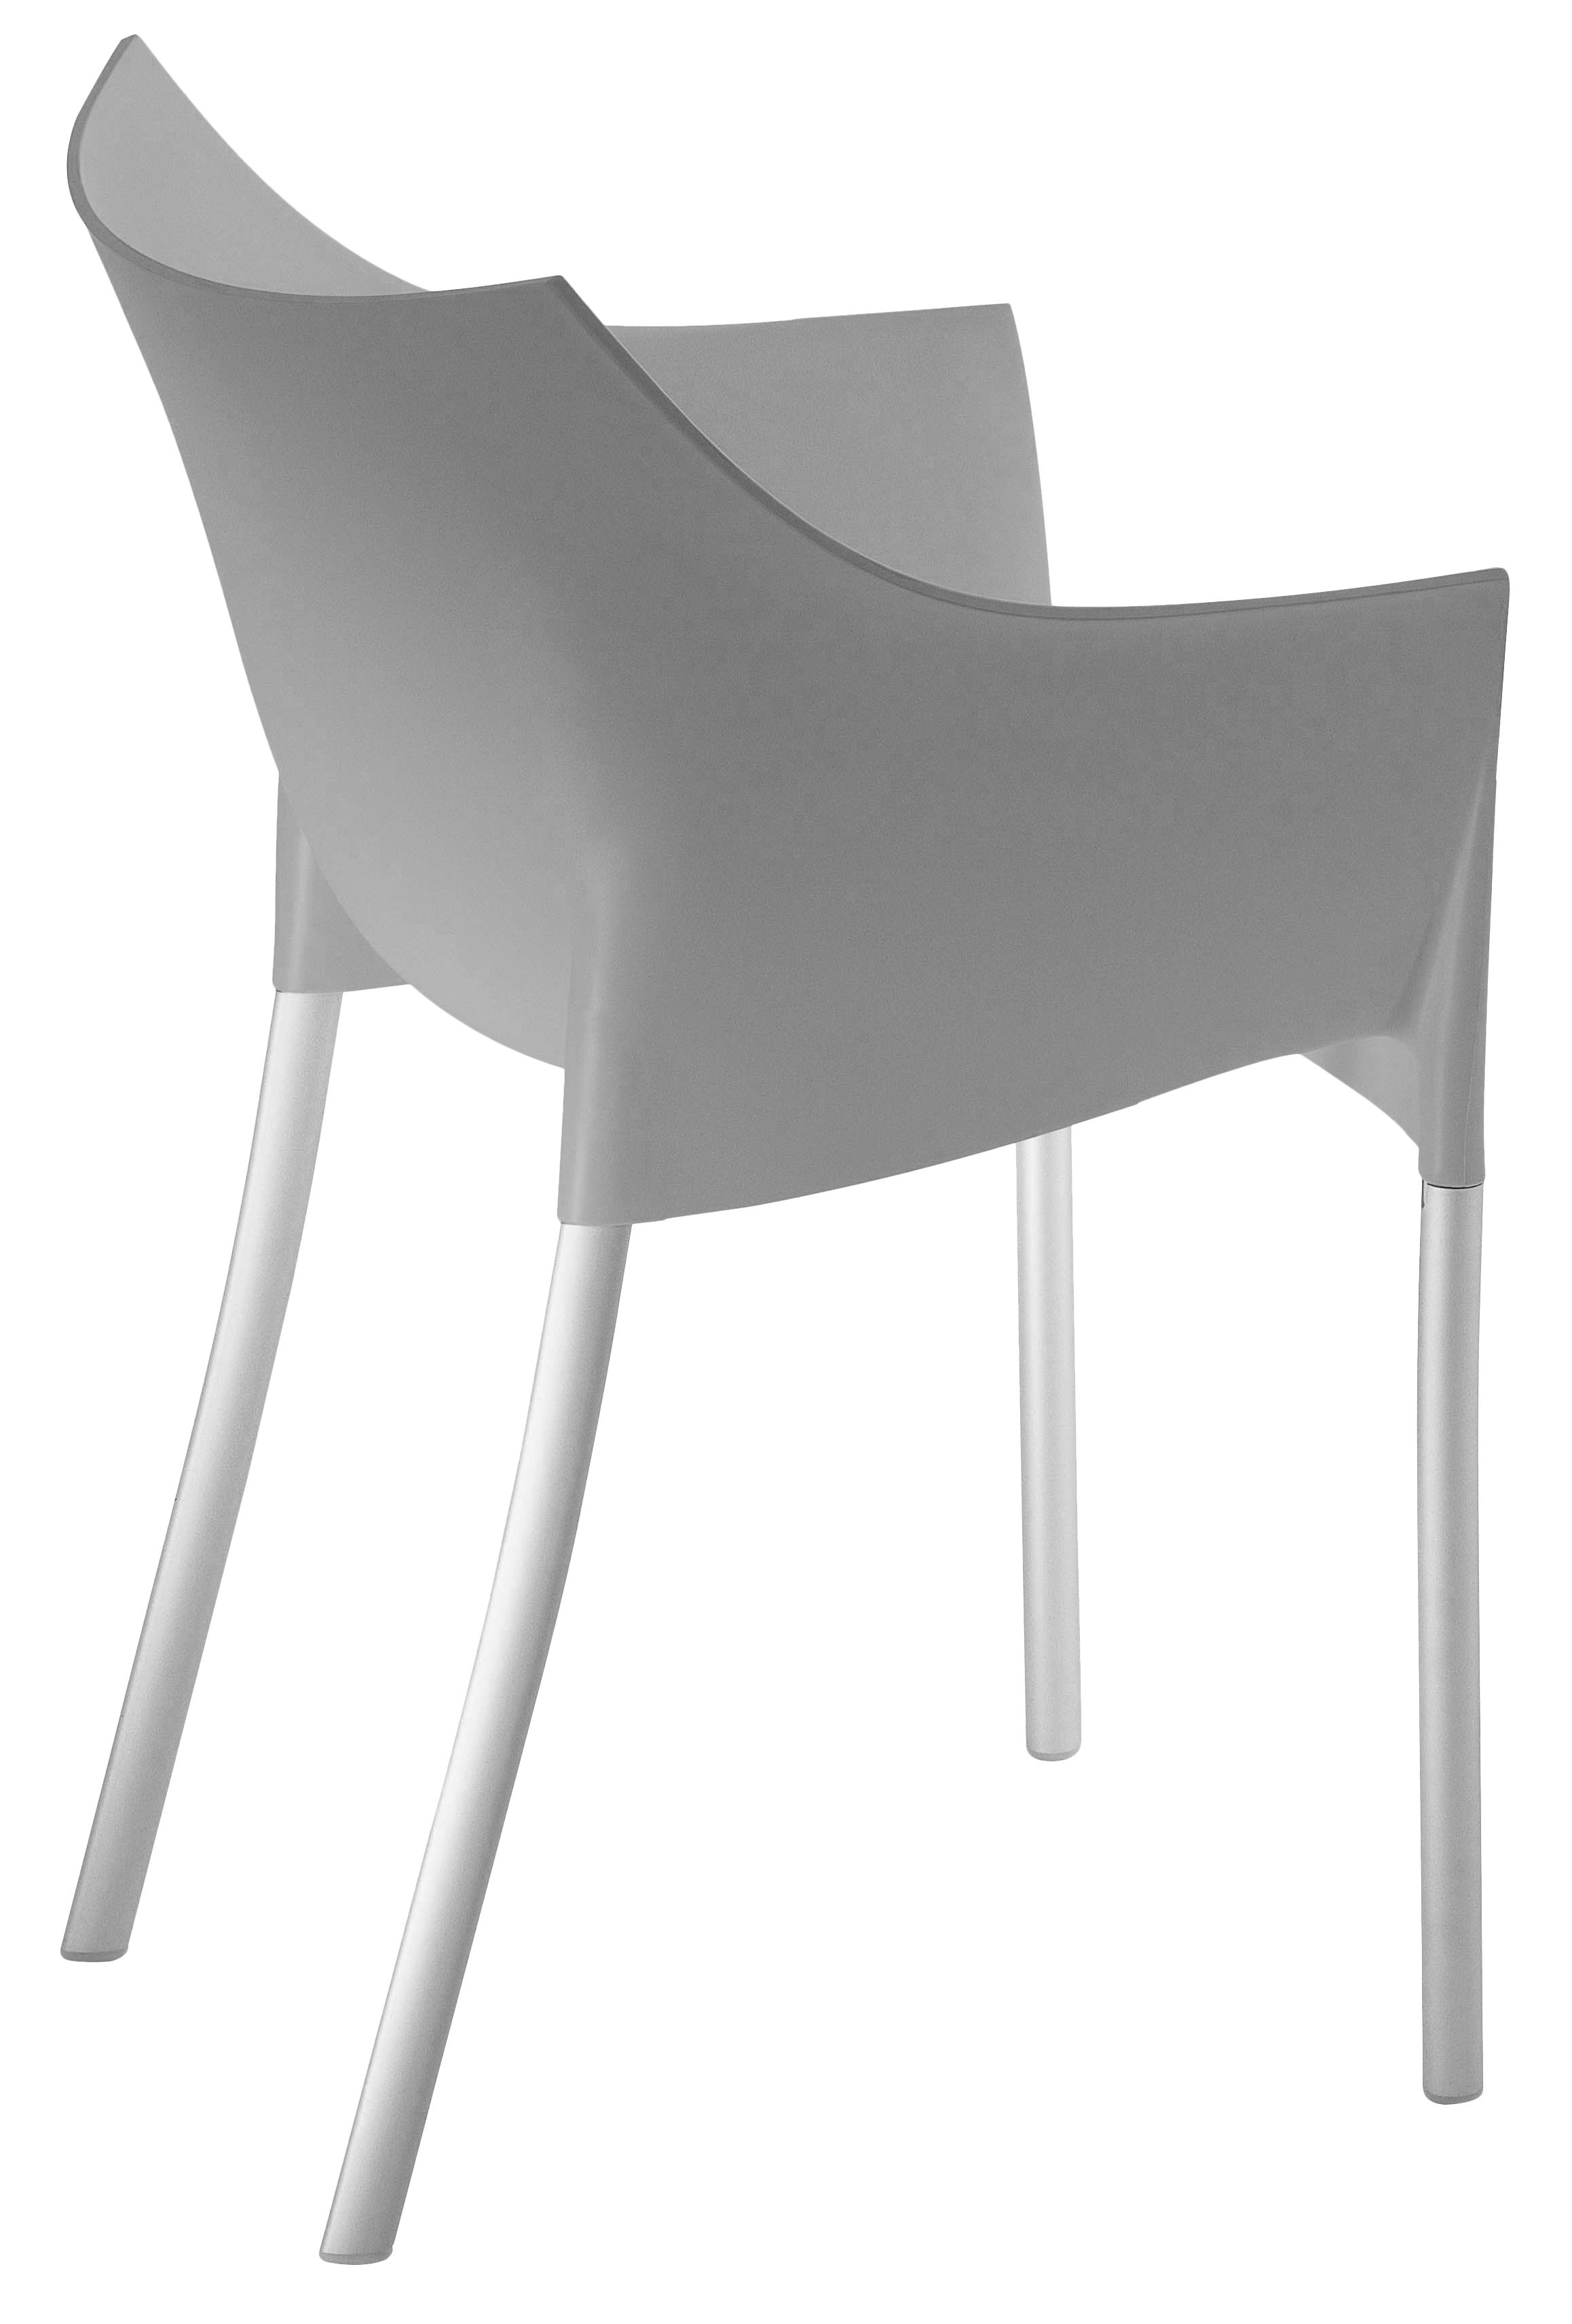 Möbel - Stühle  - Dr. No Stapelbarer Sessel - Kartell - Warmes Grau - Aluminium, Polypropylen